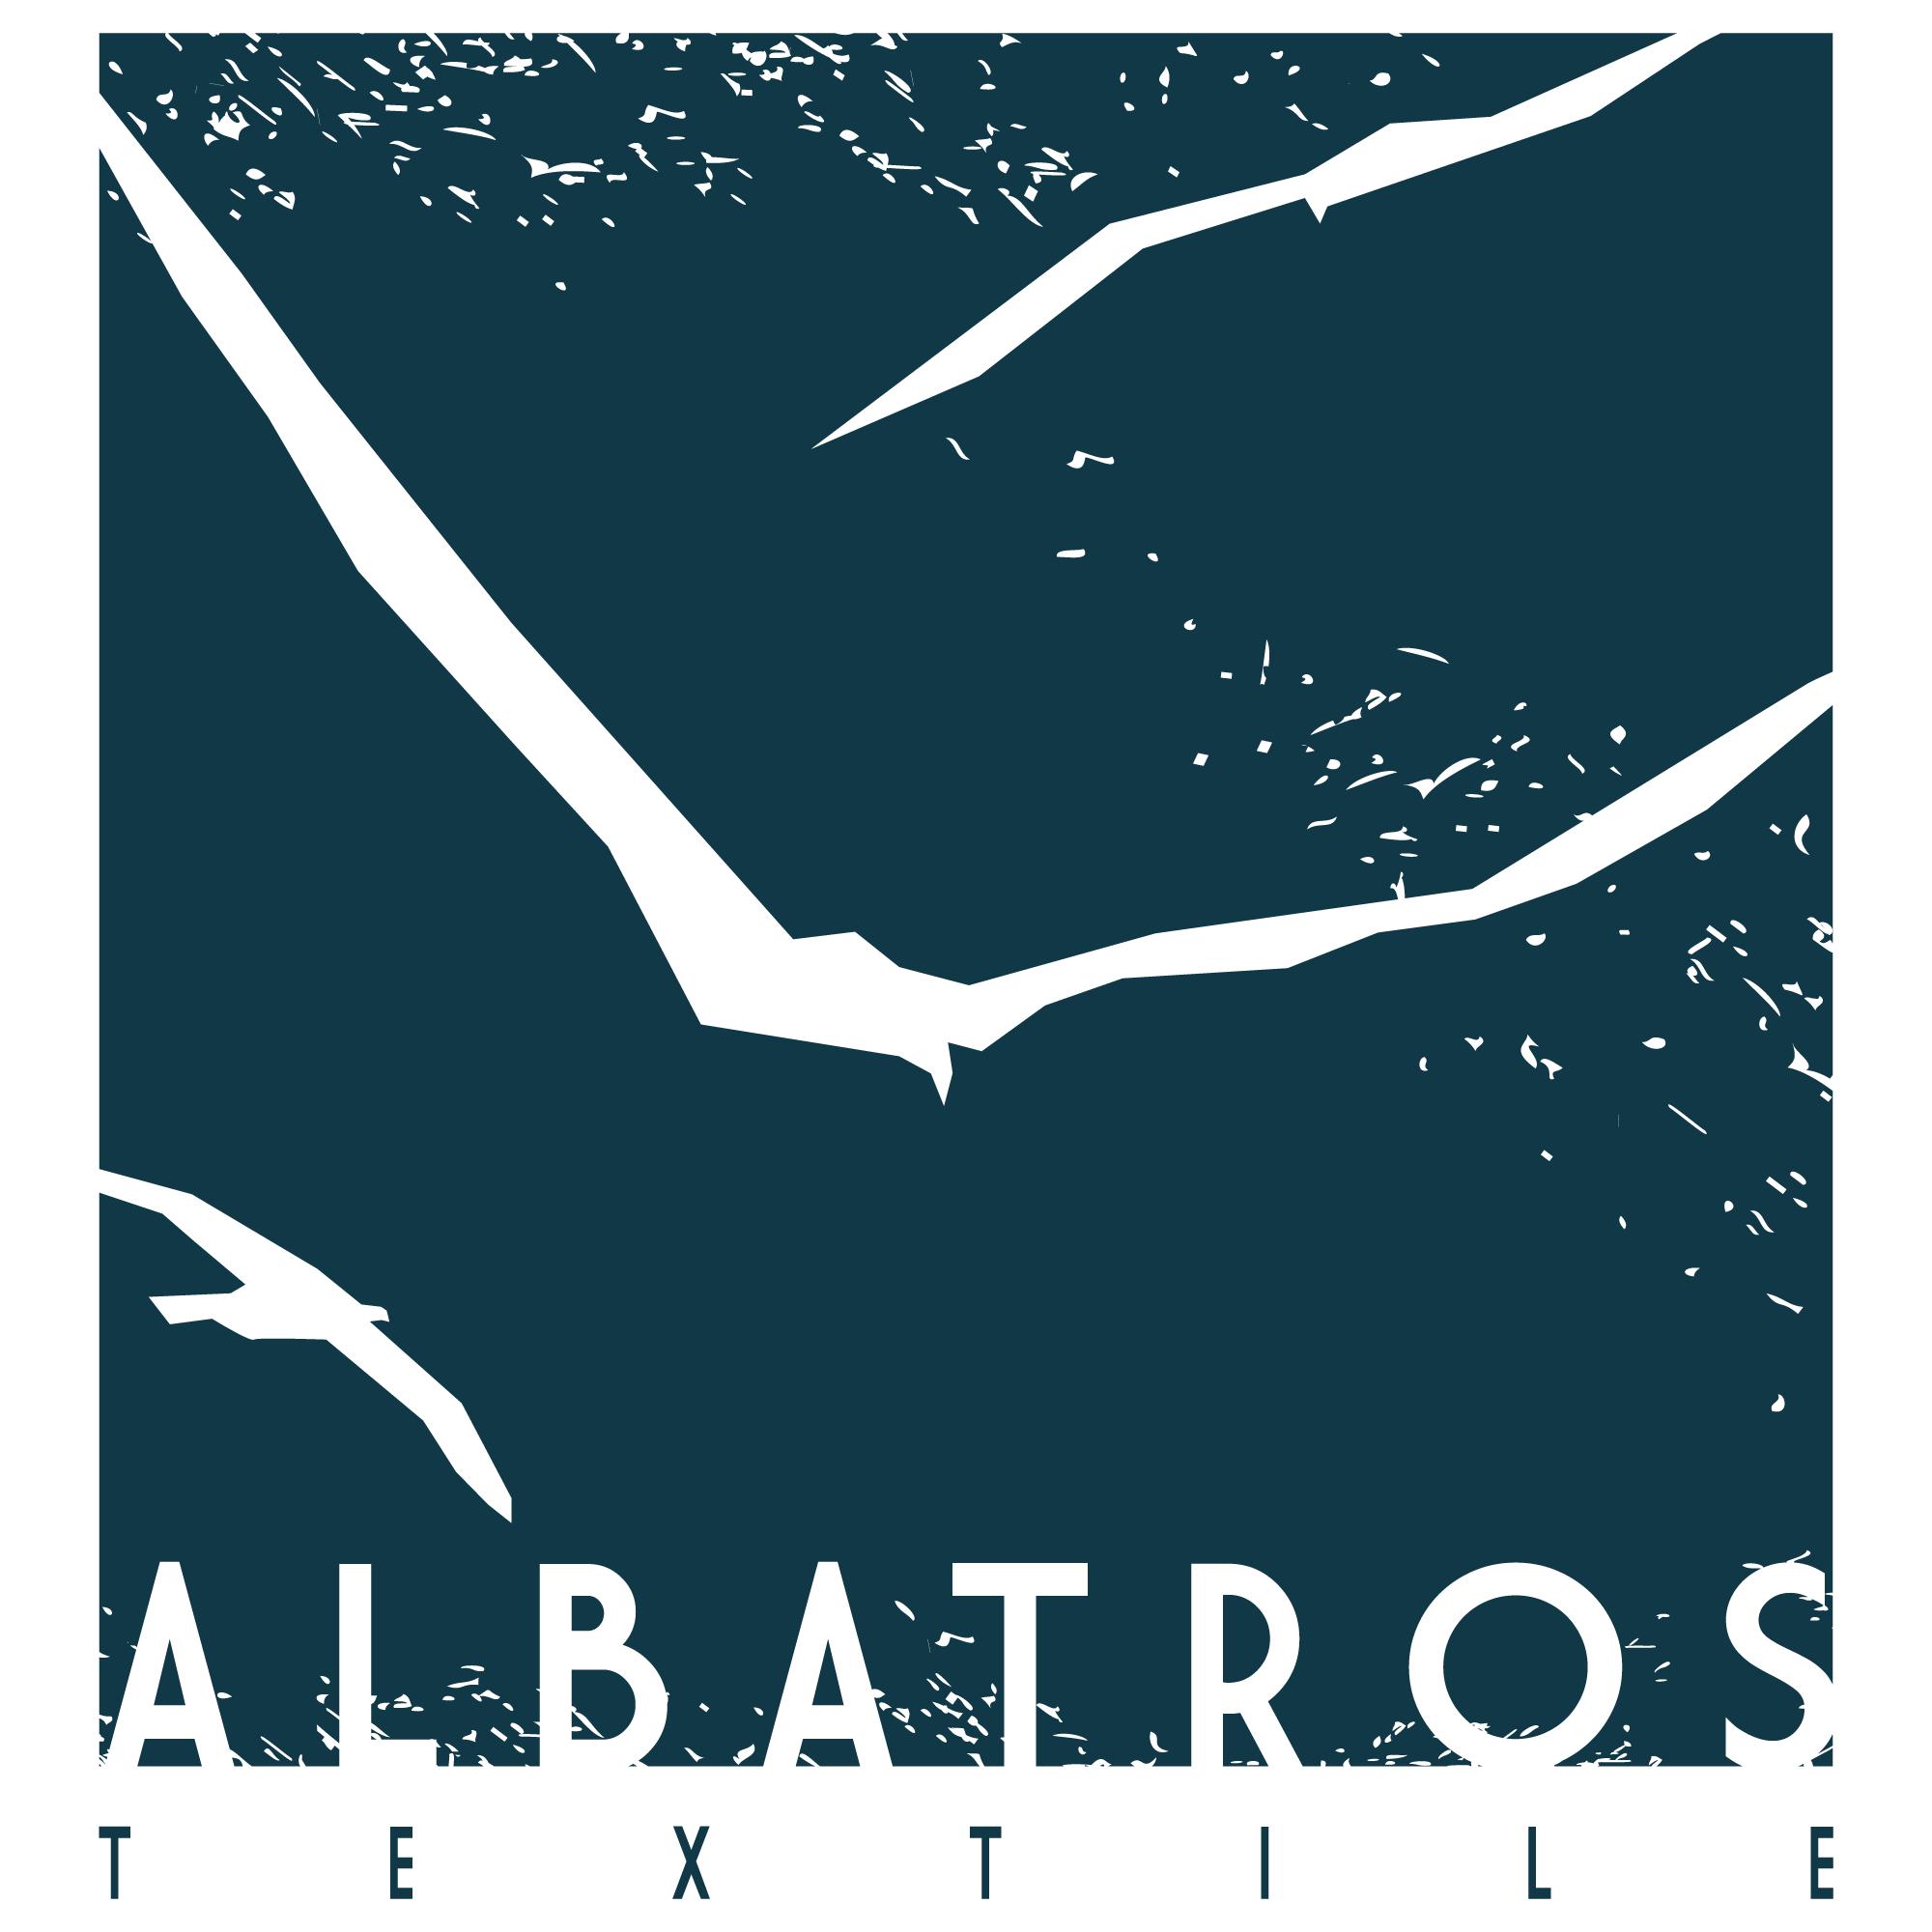 Albatross Textile kardinapood Viimsi Kaubanduskeskuses